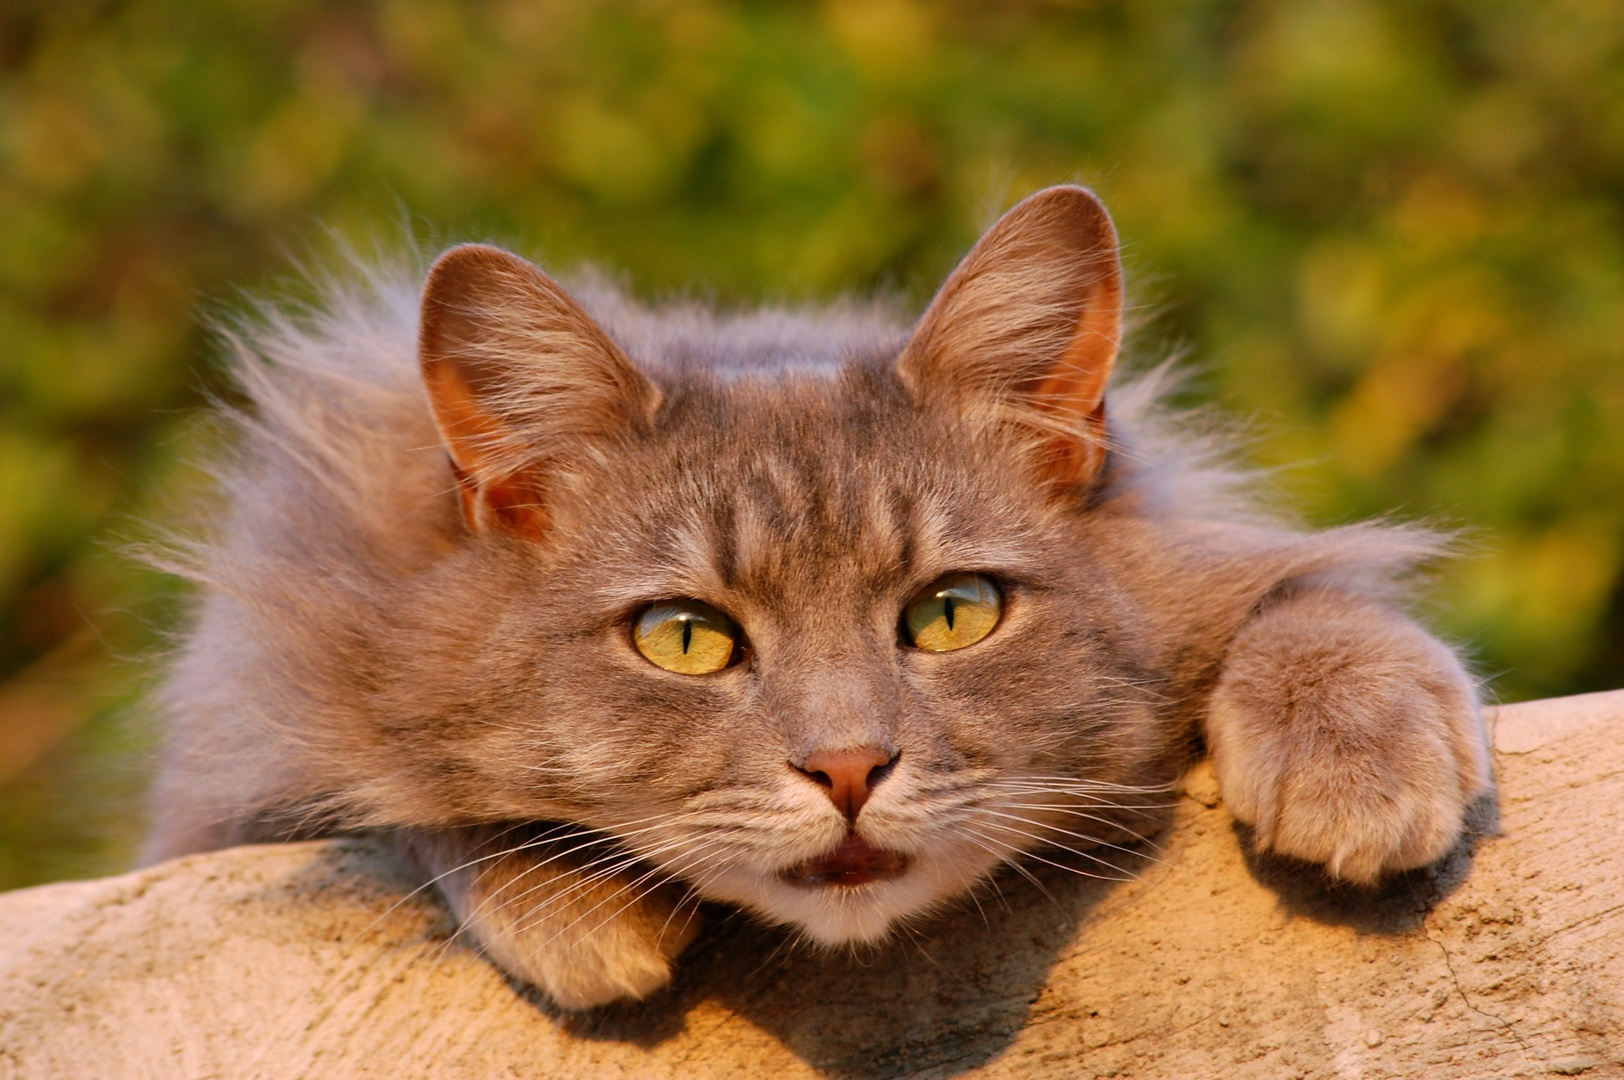 pet-kitten-cat-feline-mammal-fauna-1237479-pxhere.com